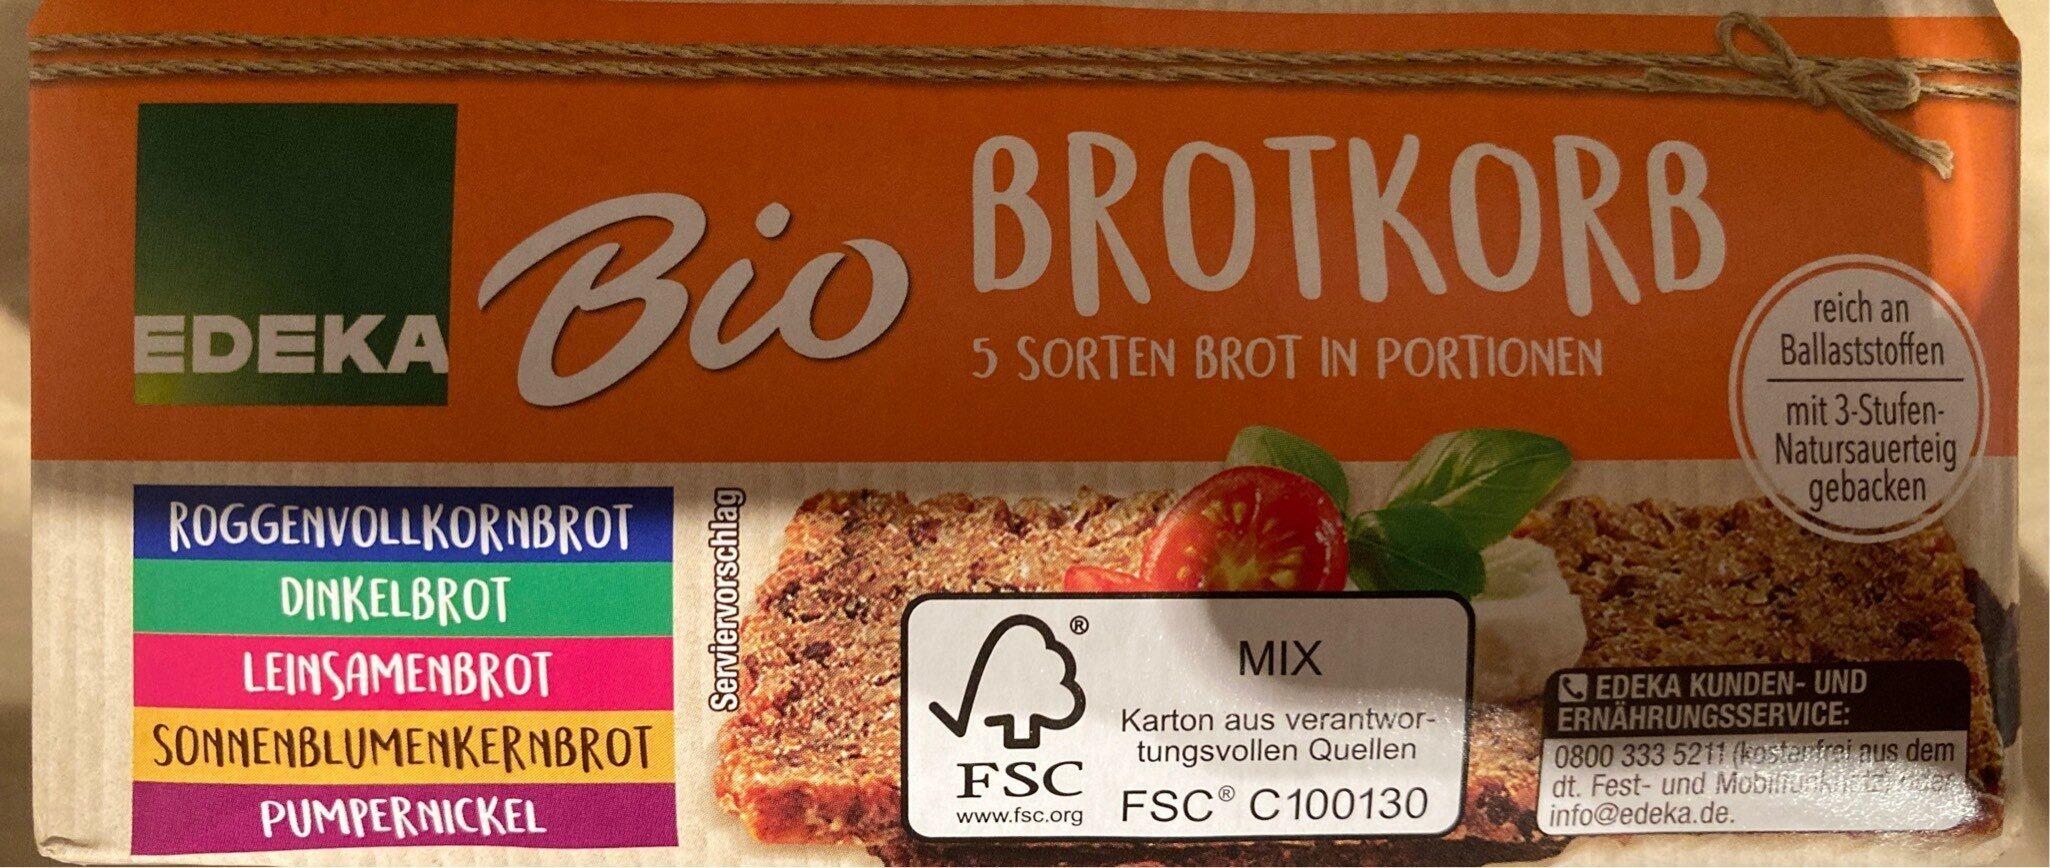 Bio brotkorb - Prodotto - en